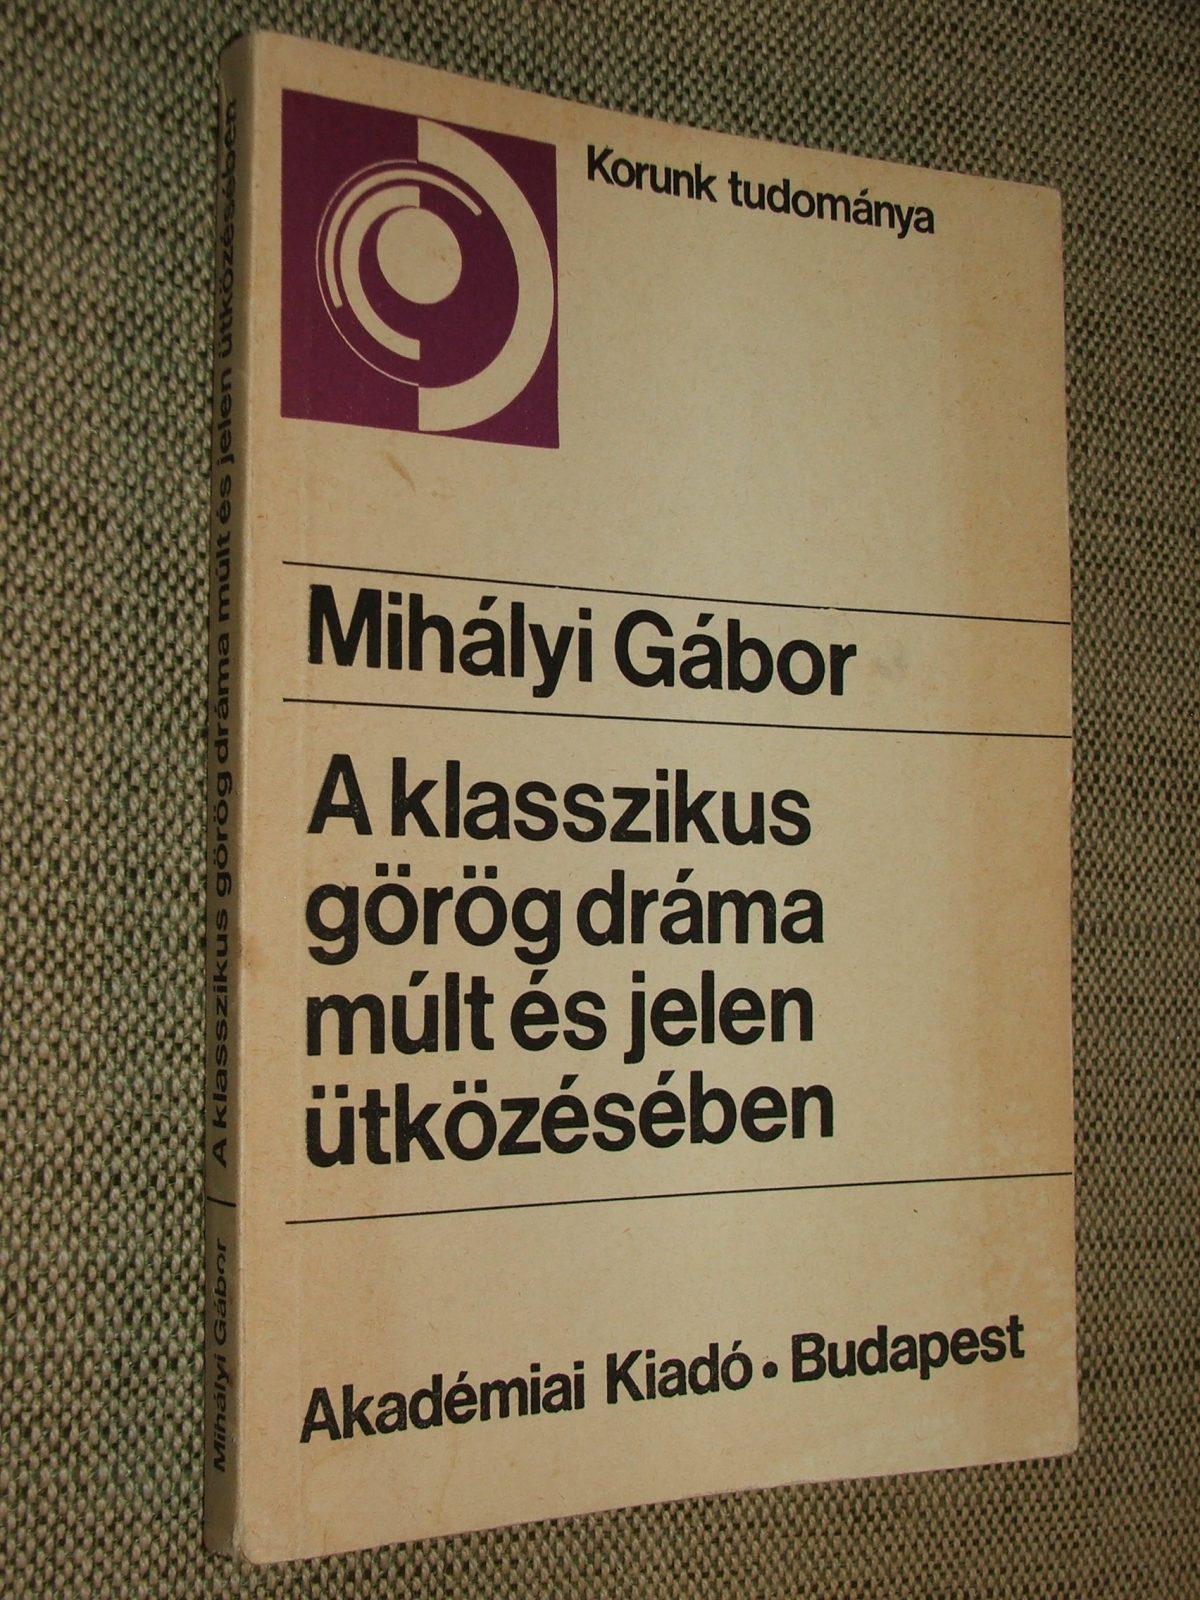 MIHÁLYI Gábor: A klasszikus görög dráma múlt és jelen ütközésében